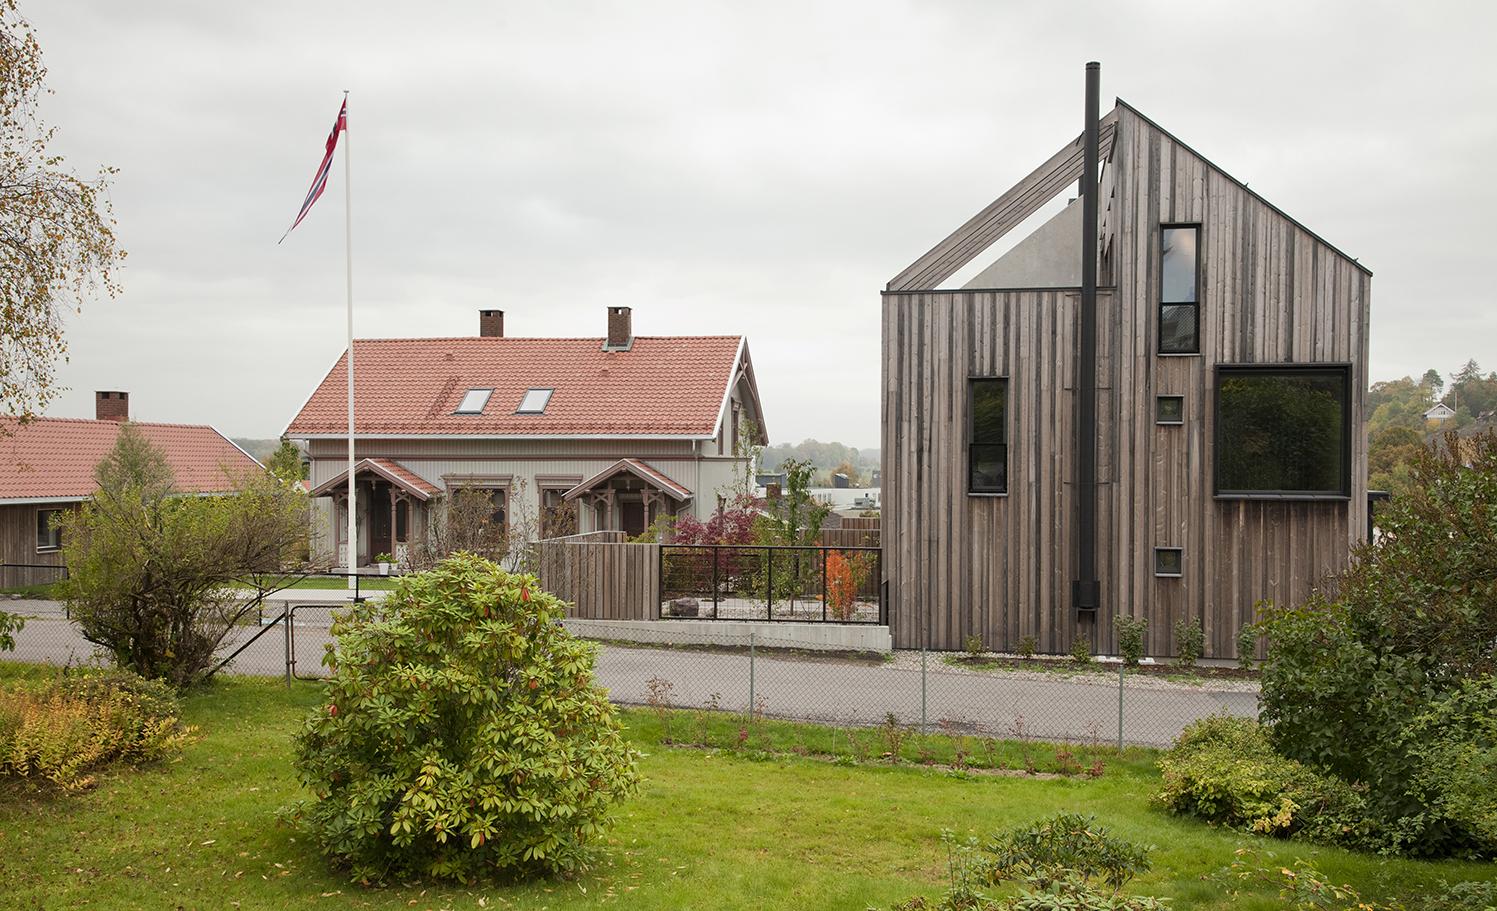 Teglhagen